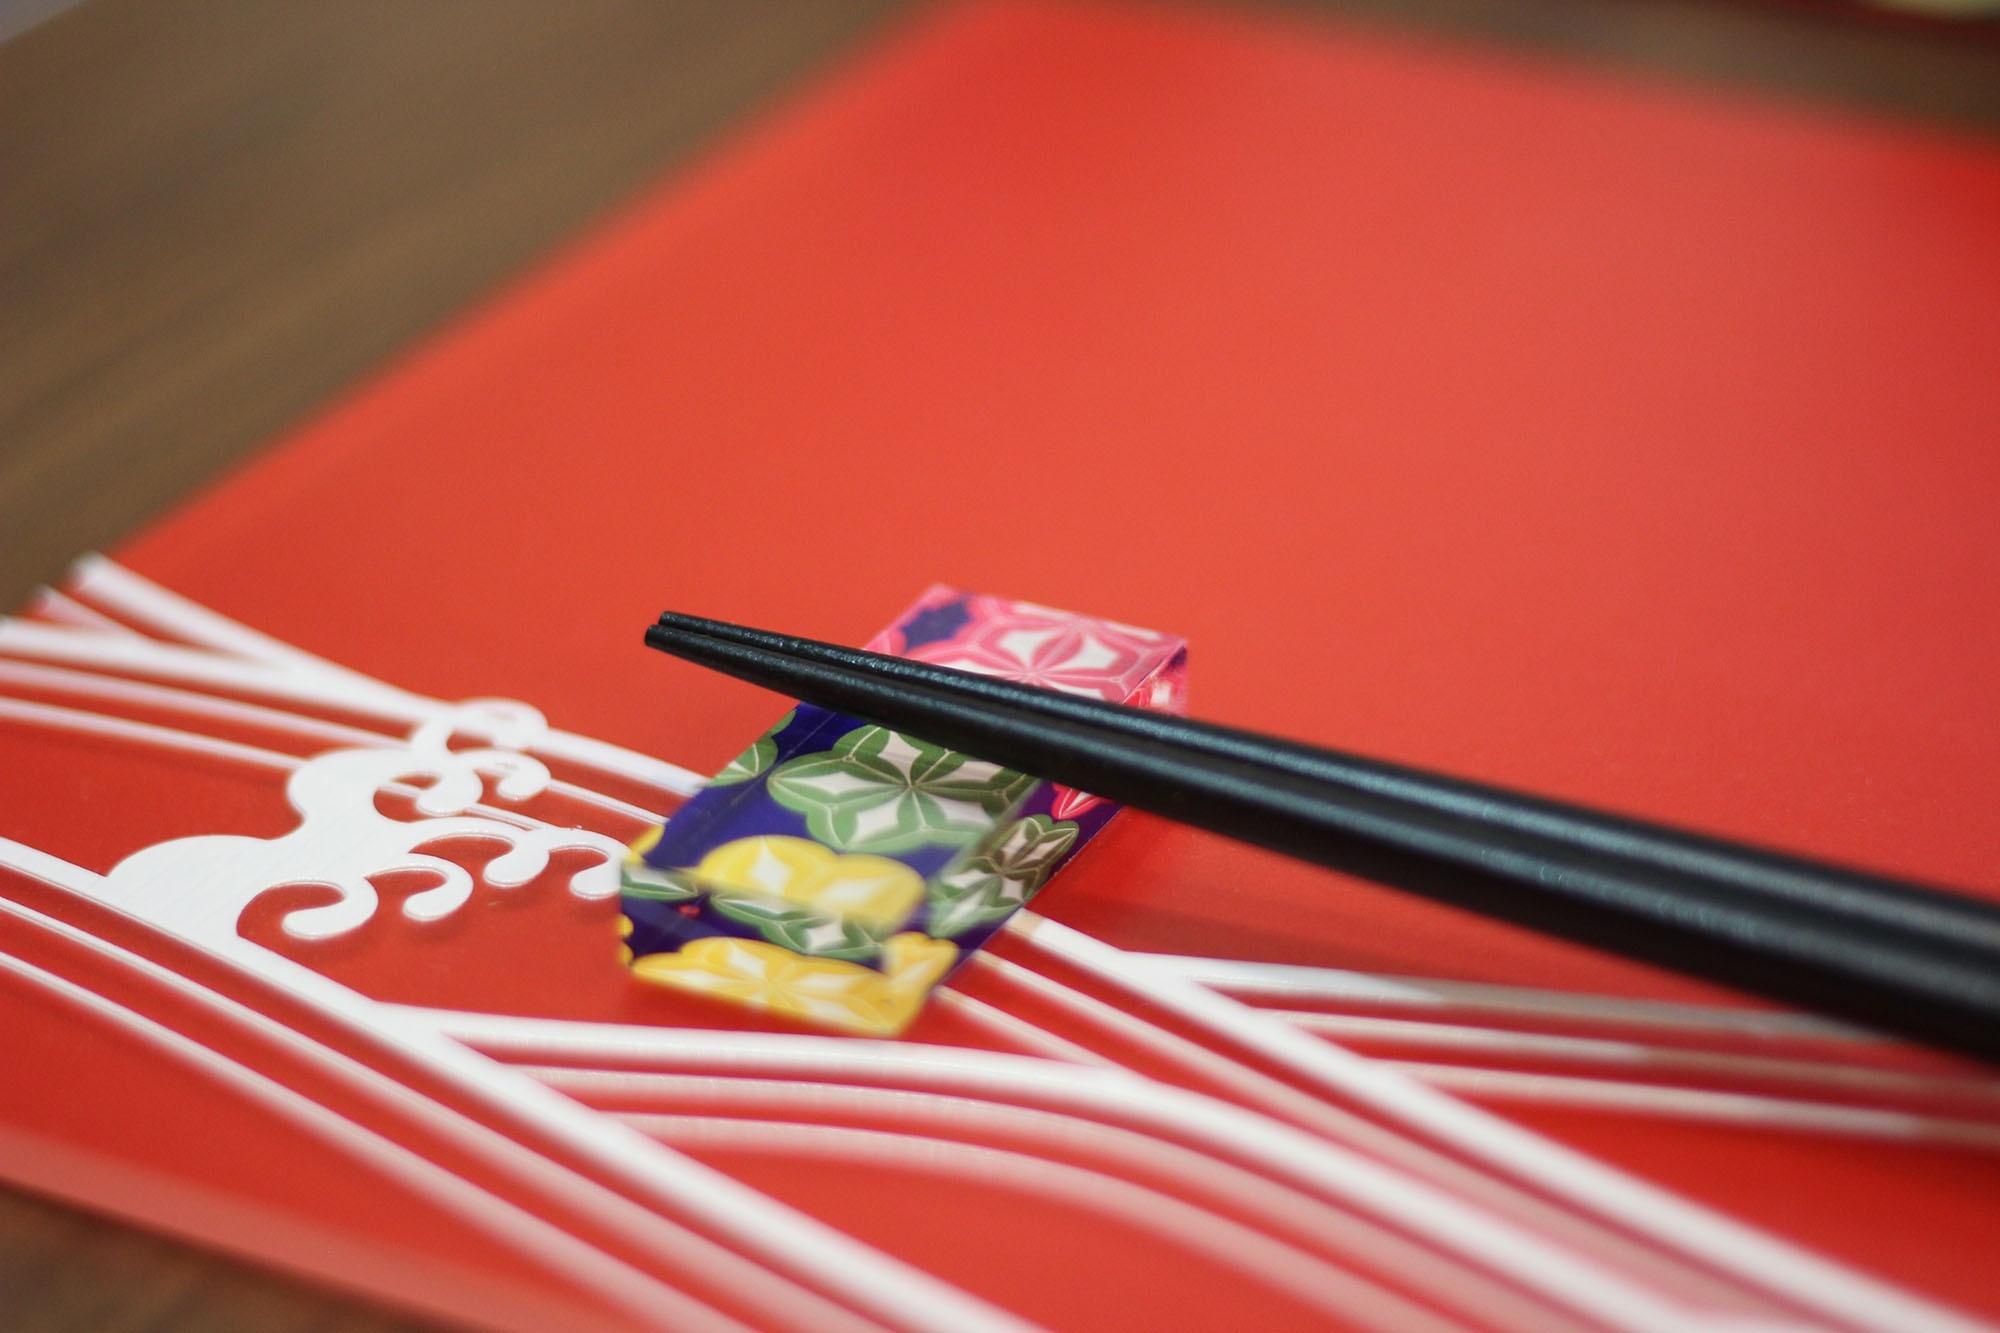 Chopstick / Cutlery rest